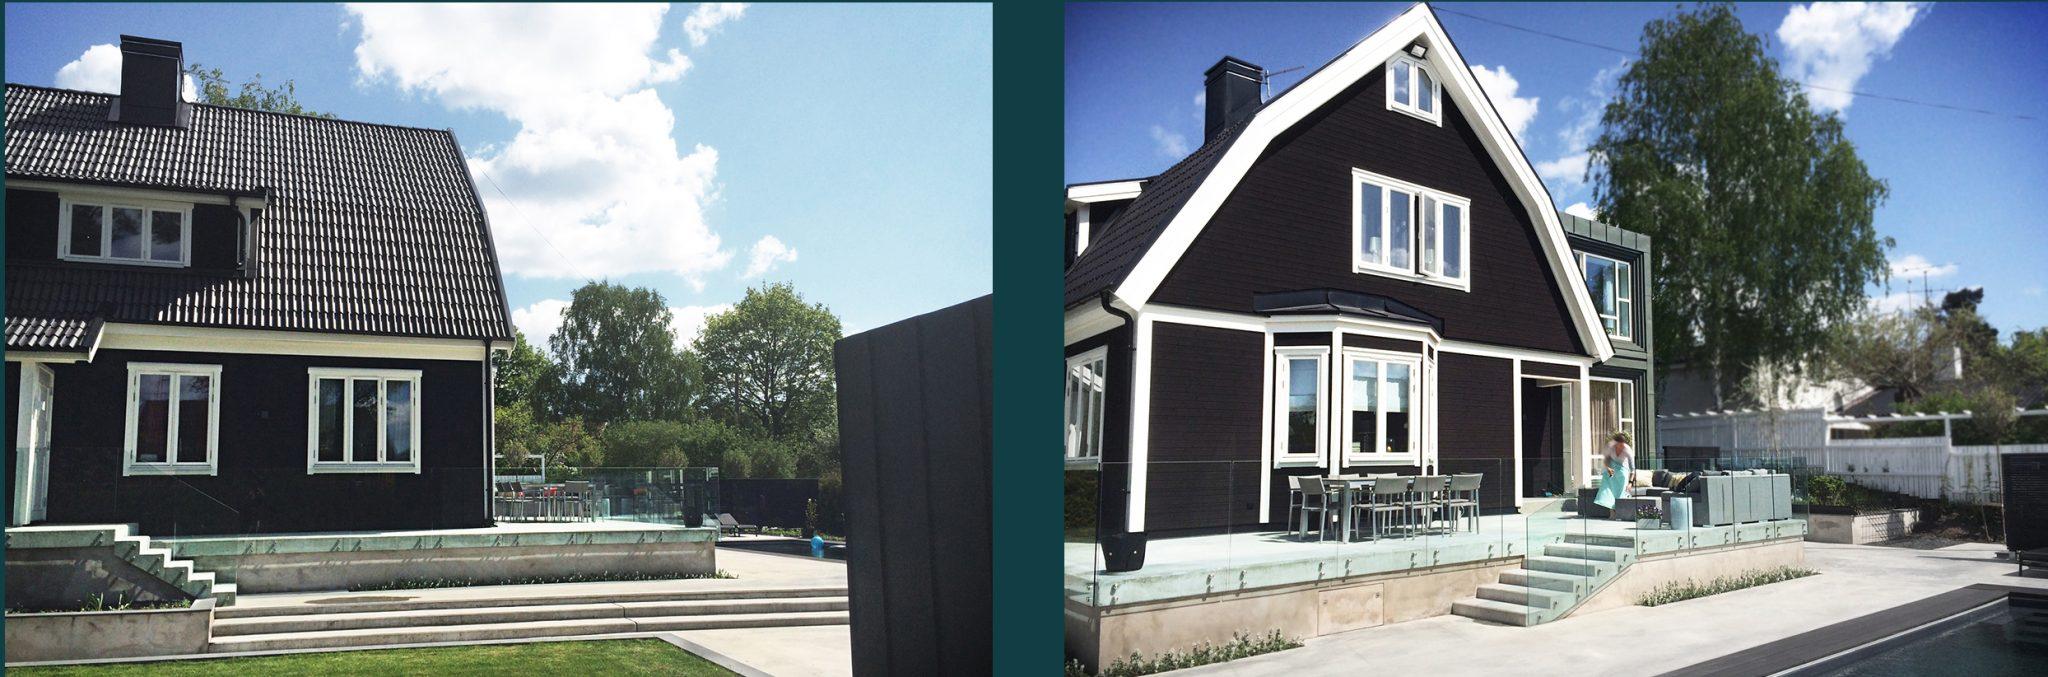 Exteriöra bilder på villa Tegelhem där arkitekterna på Rex anlitades för en omfattande om- och tillbyggnad